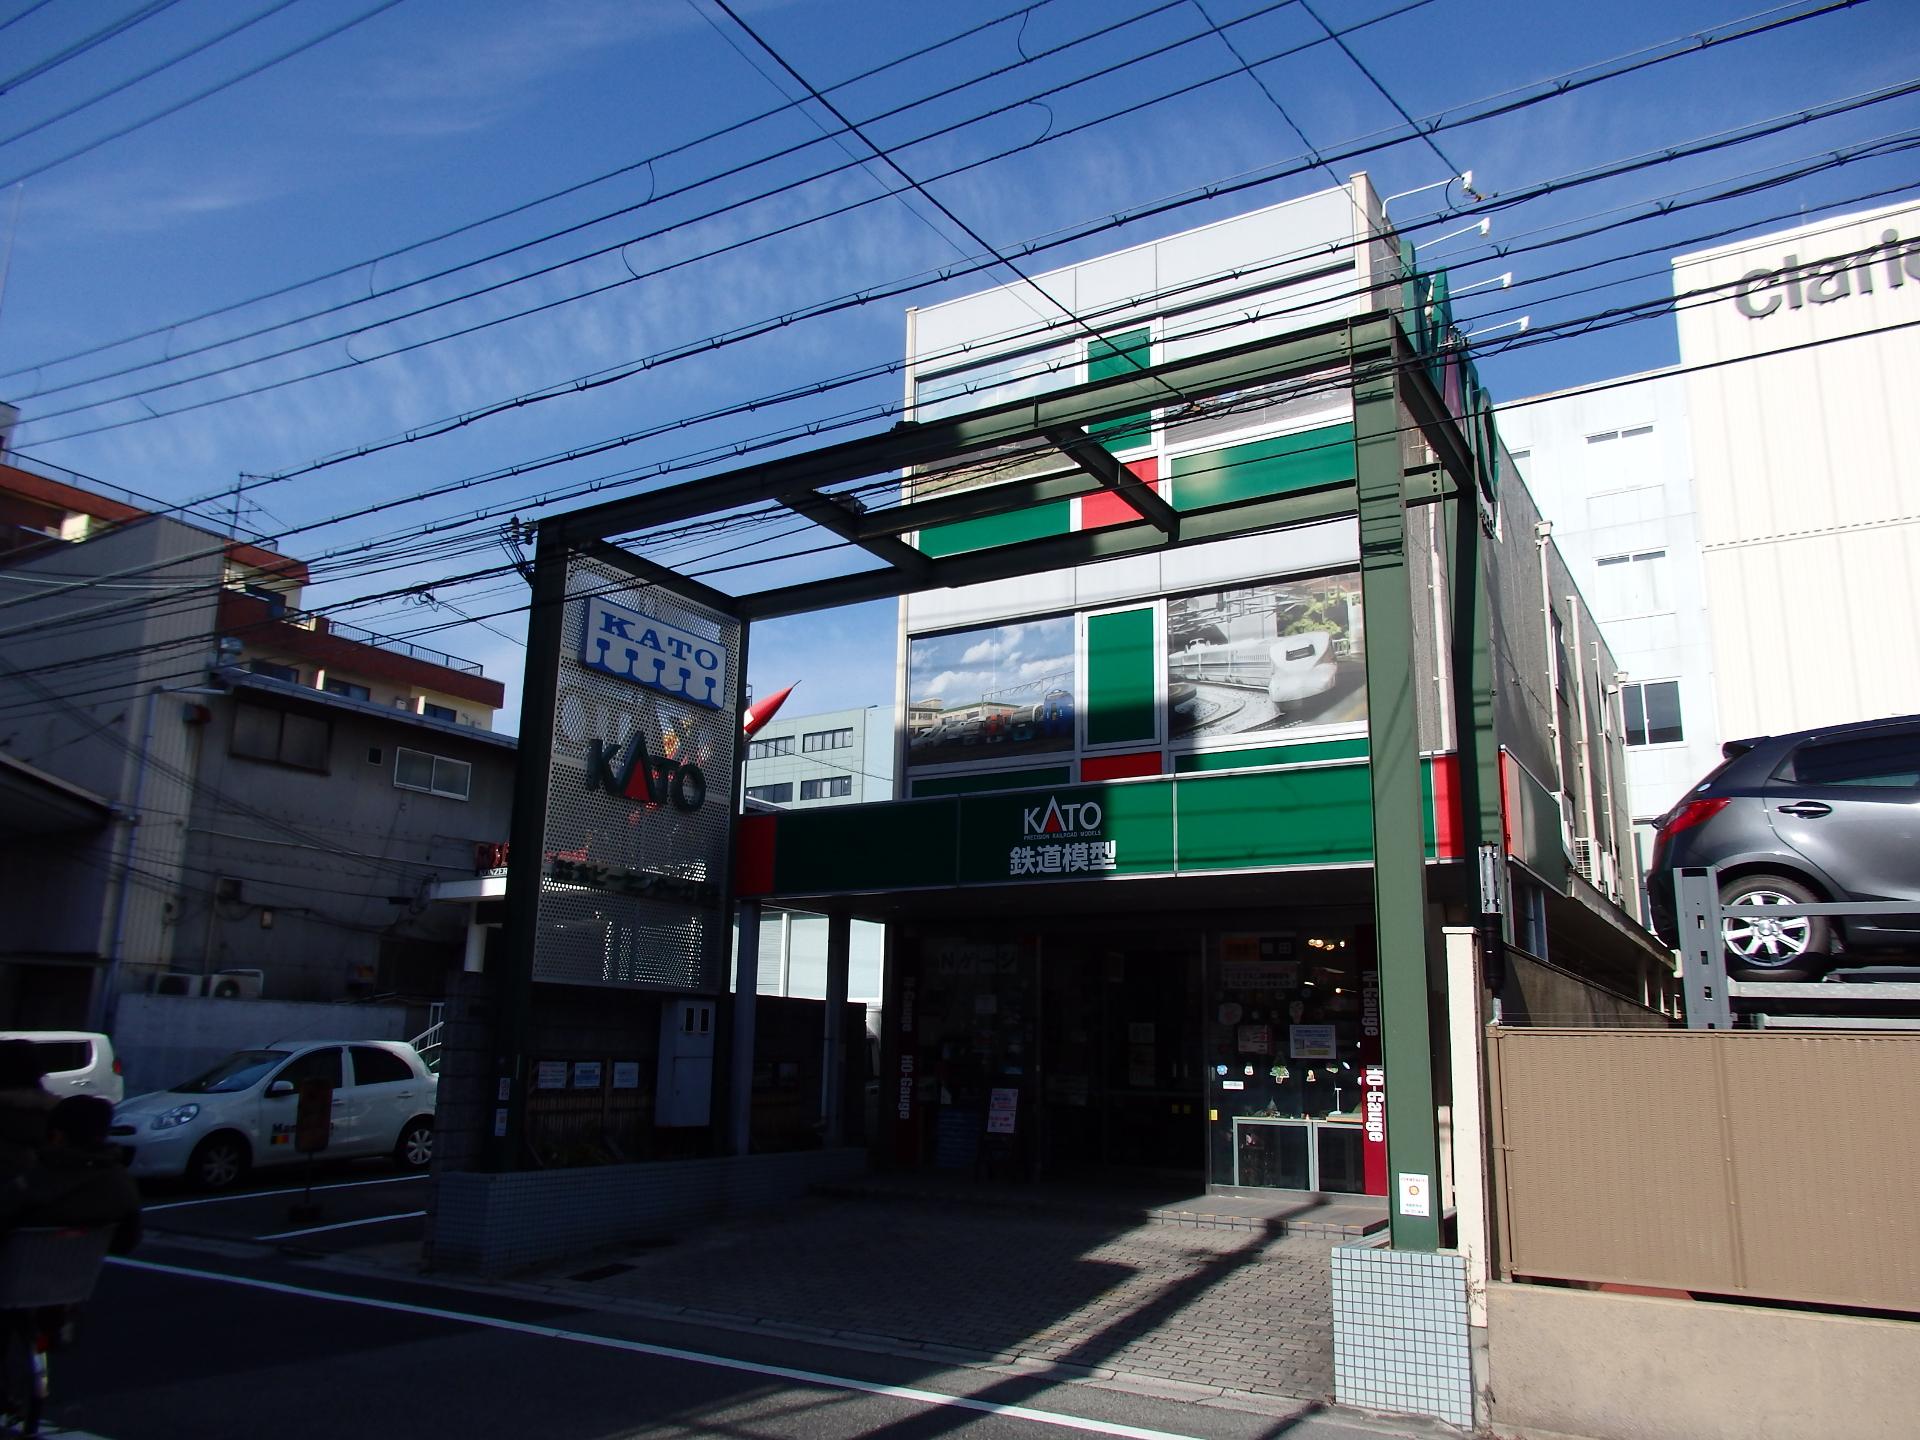 ホビセン大阪です。